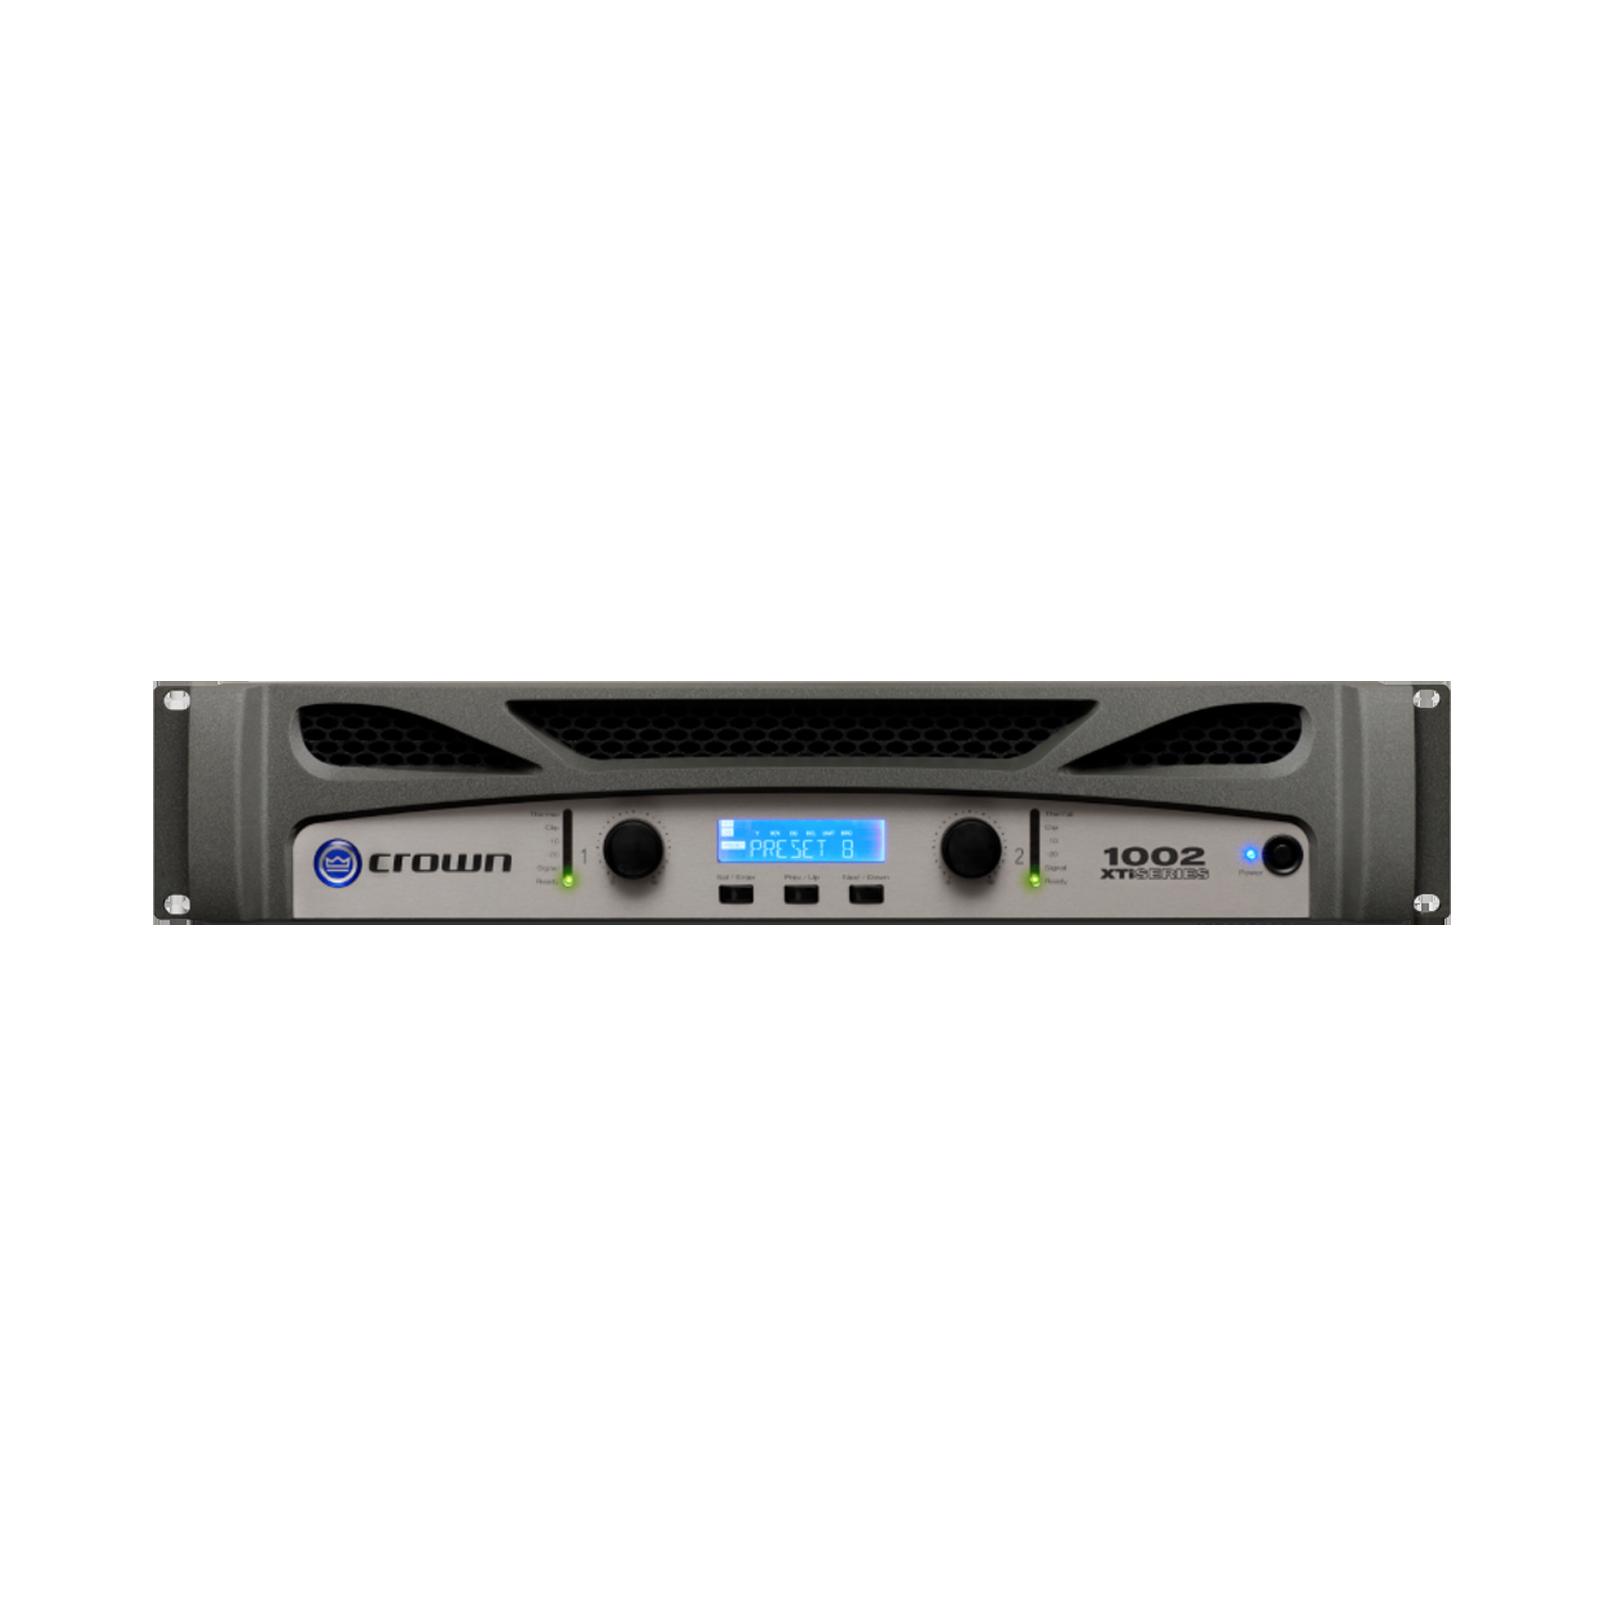 XTi 1002 - Grey - Two-channel, 500W power amplifier - Hero